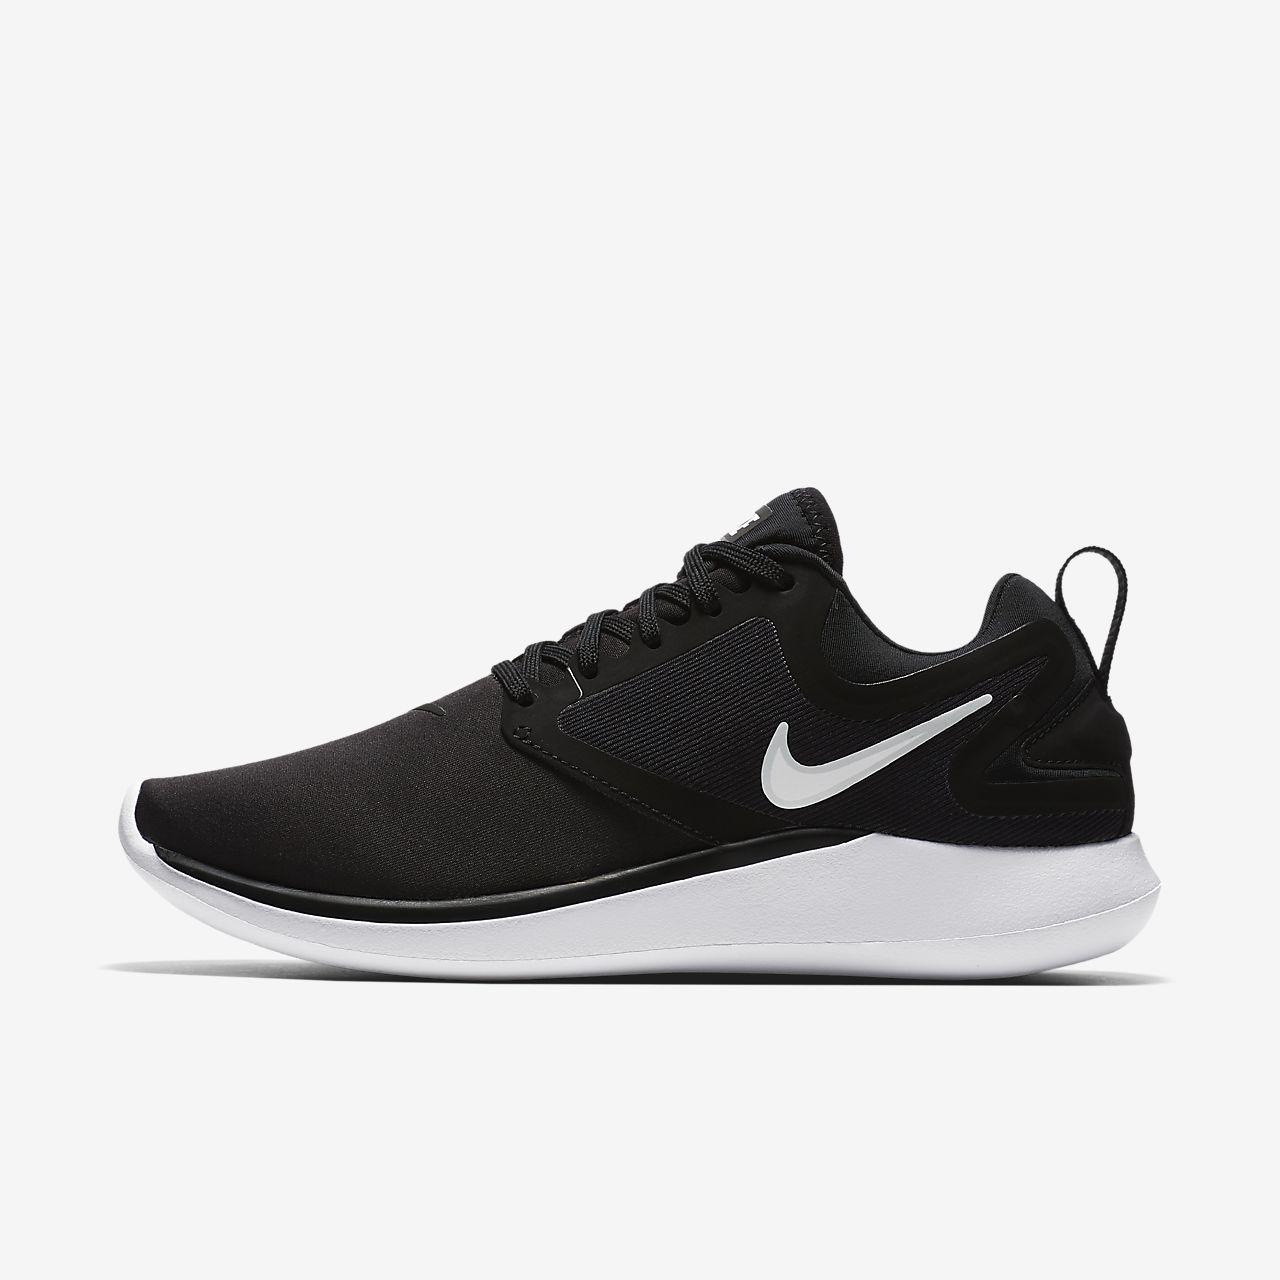 Nike LunarSolo - Z6548